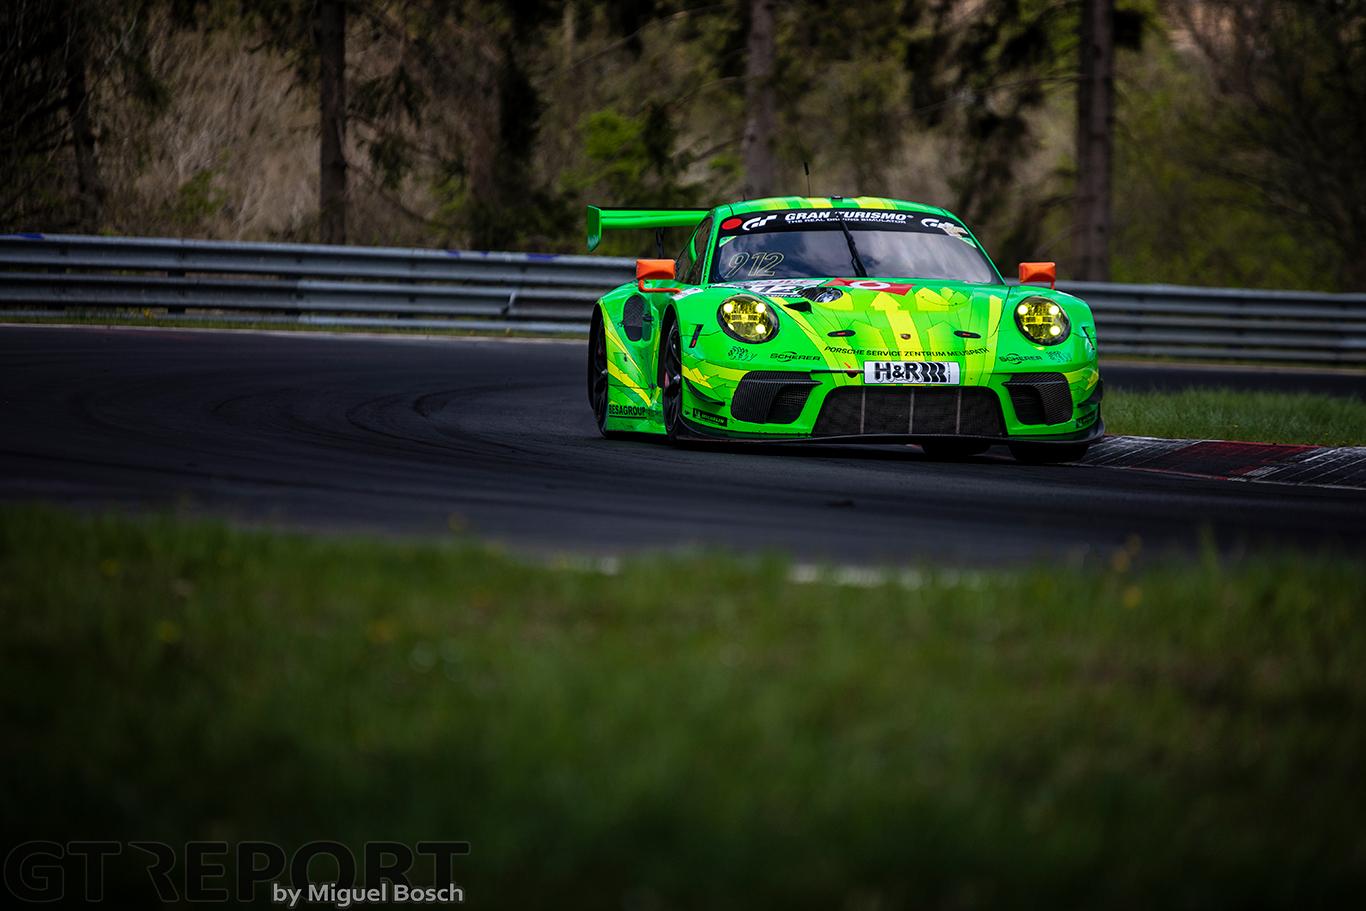 """Richard Lietz: """"The Porsche was like a rally car!"""""""